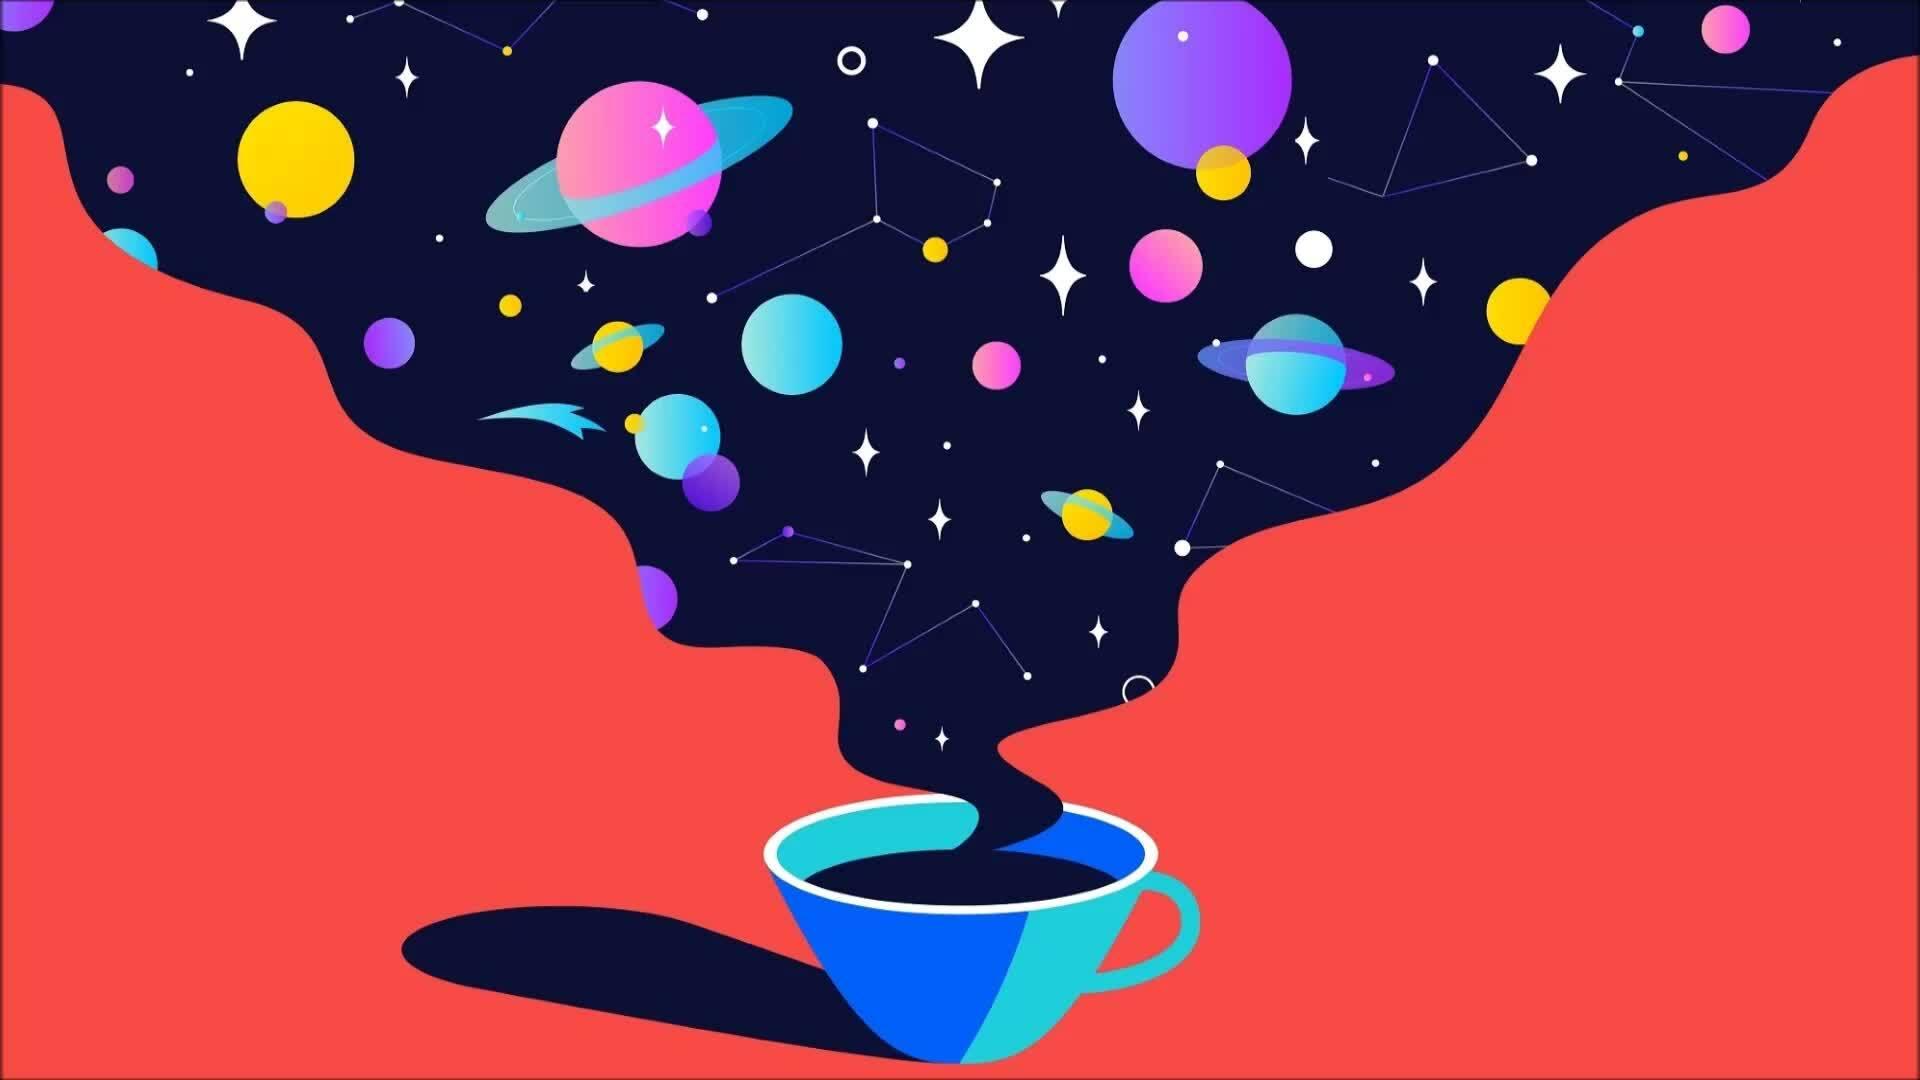 Podcast 'Phiêu': Con gái 12 cung hoàng đạo giống loại trà nào? (p.1)